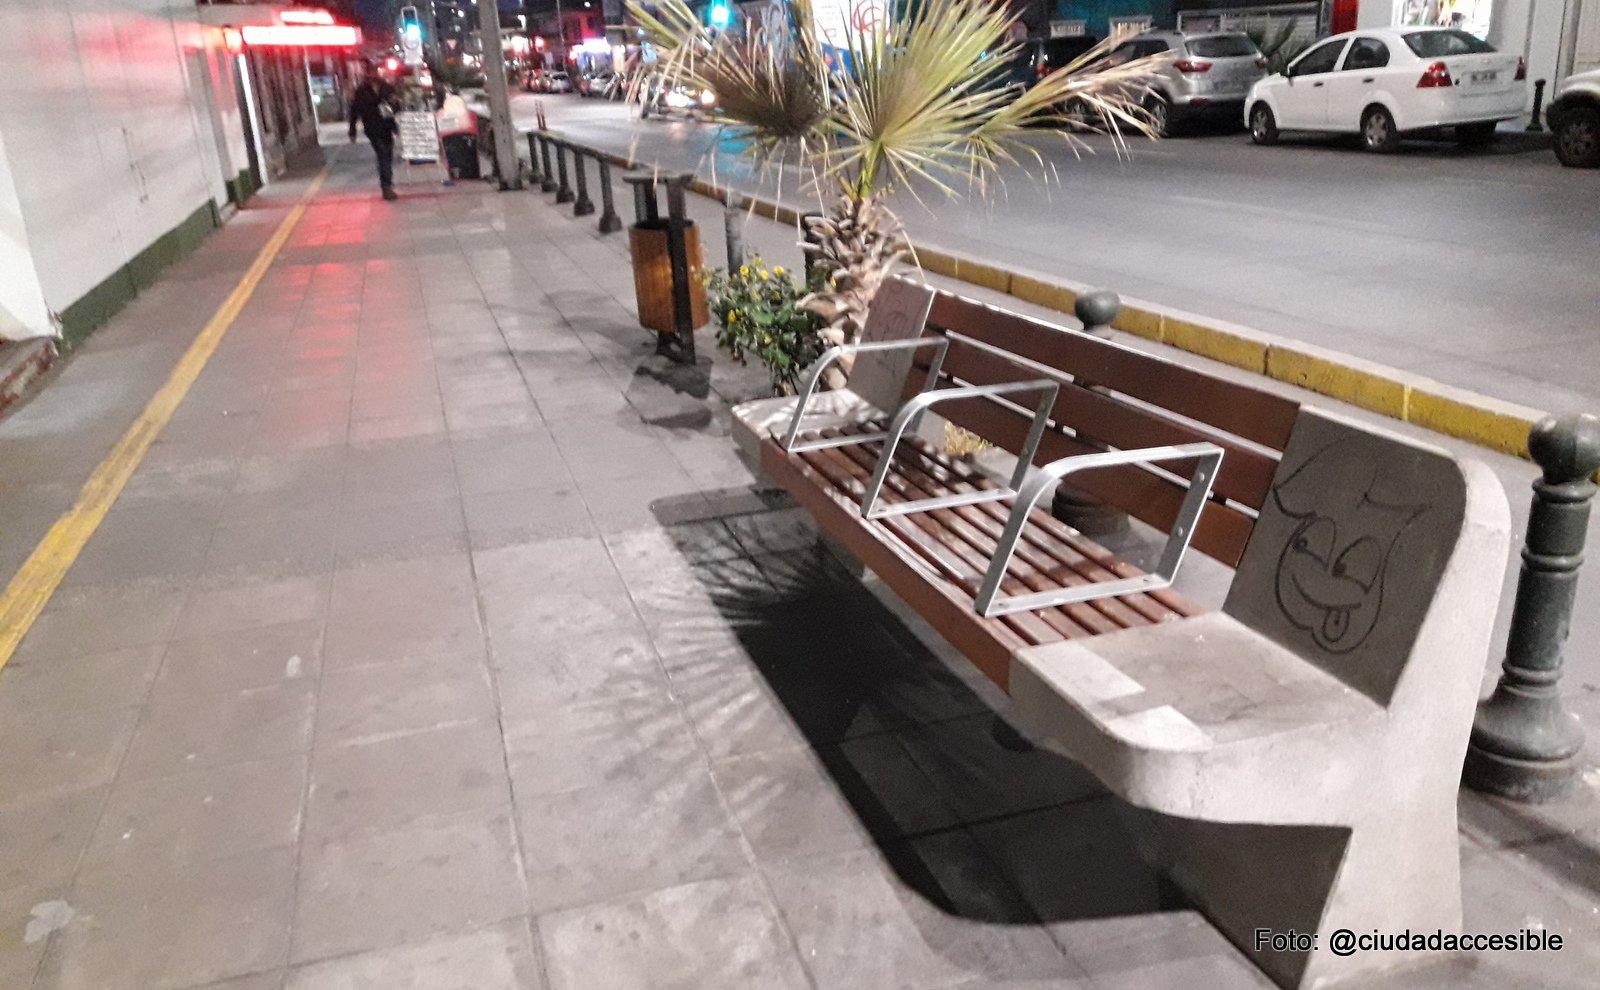 guía podotáctil de avance a lo largo de una vereda y paralela a la línea de fachada y asientos dispuestos en línea con la calzada